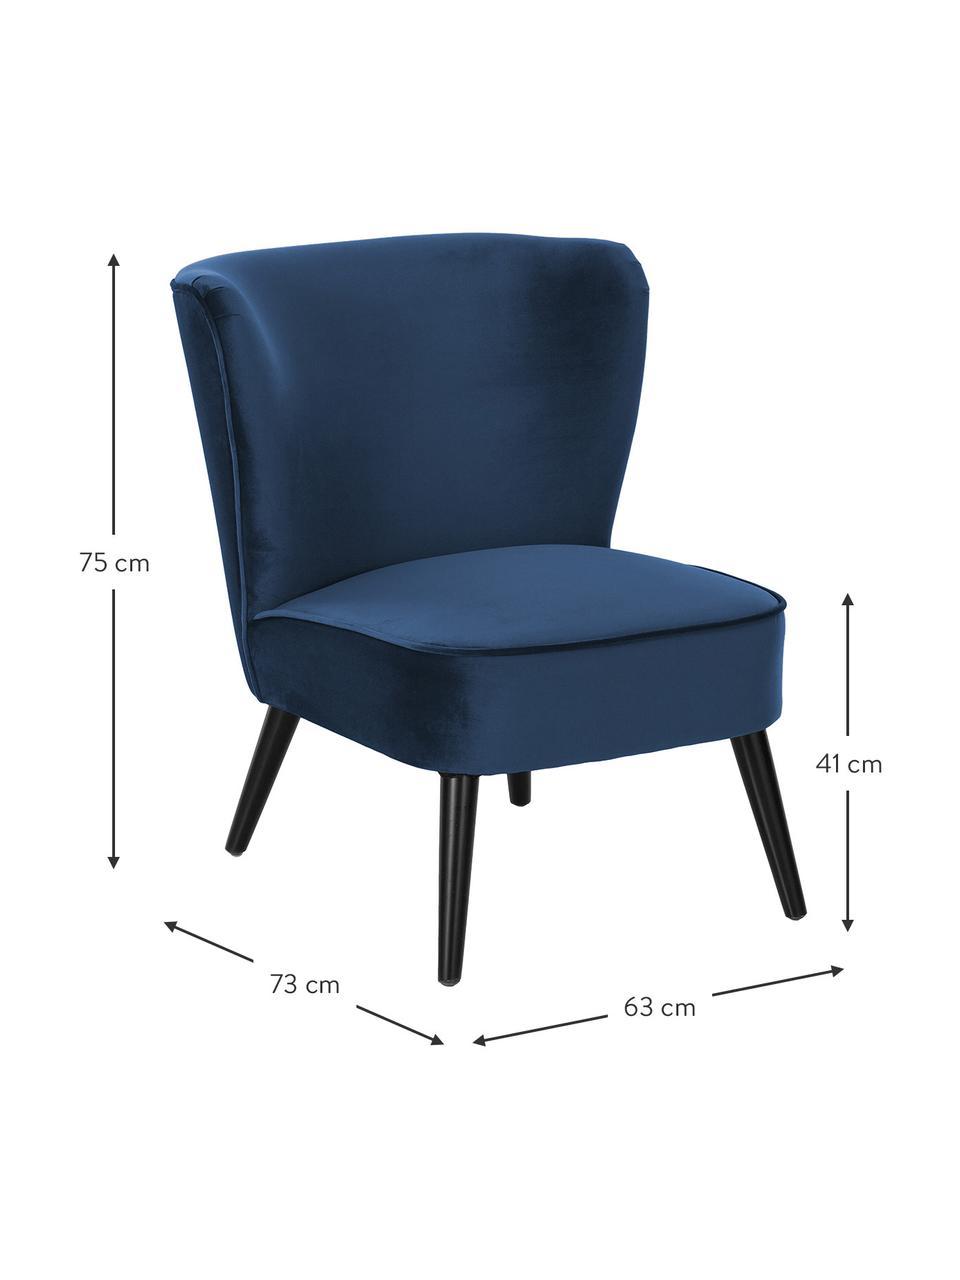 Fluwelen fauteuil Robine, Bekleding: fluweel (polyester), Poten: grenenhout, gelakt, Fluweel donkerblauw, B 63 x D 73 cm